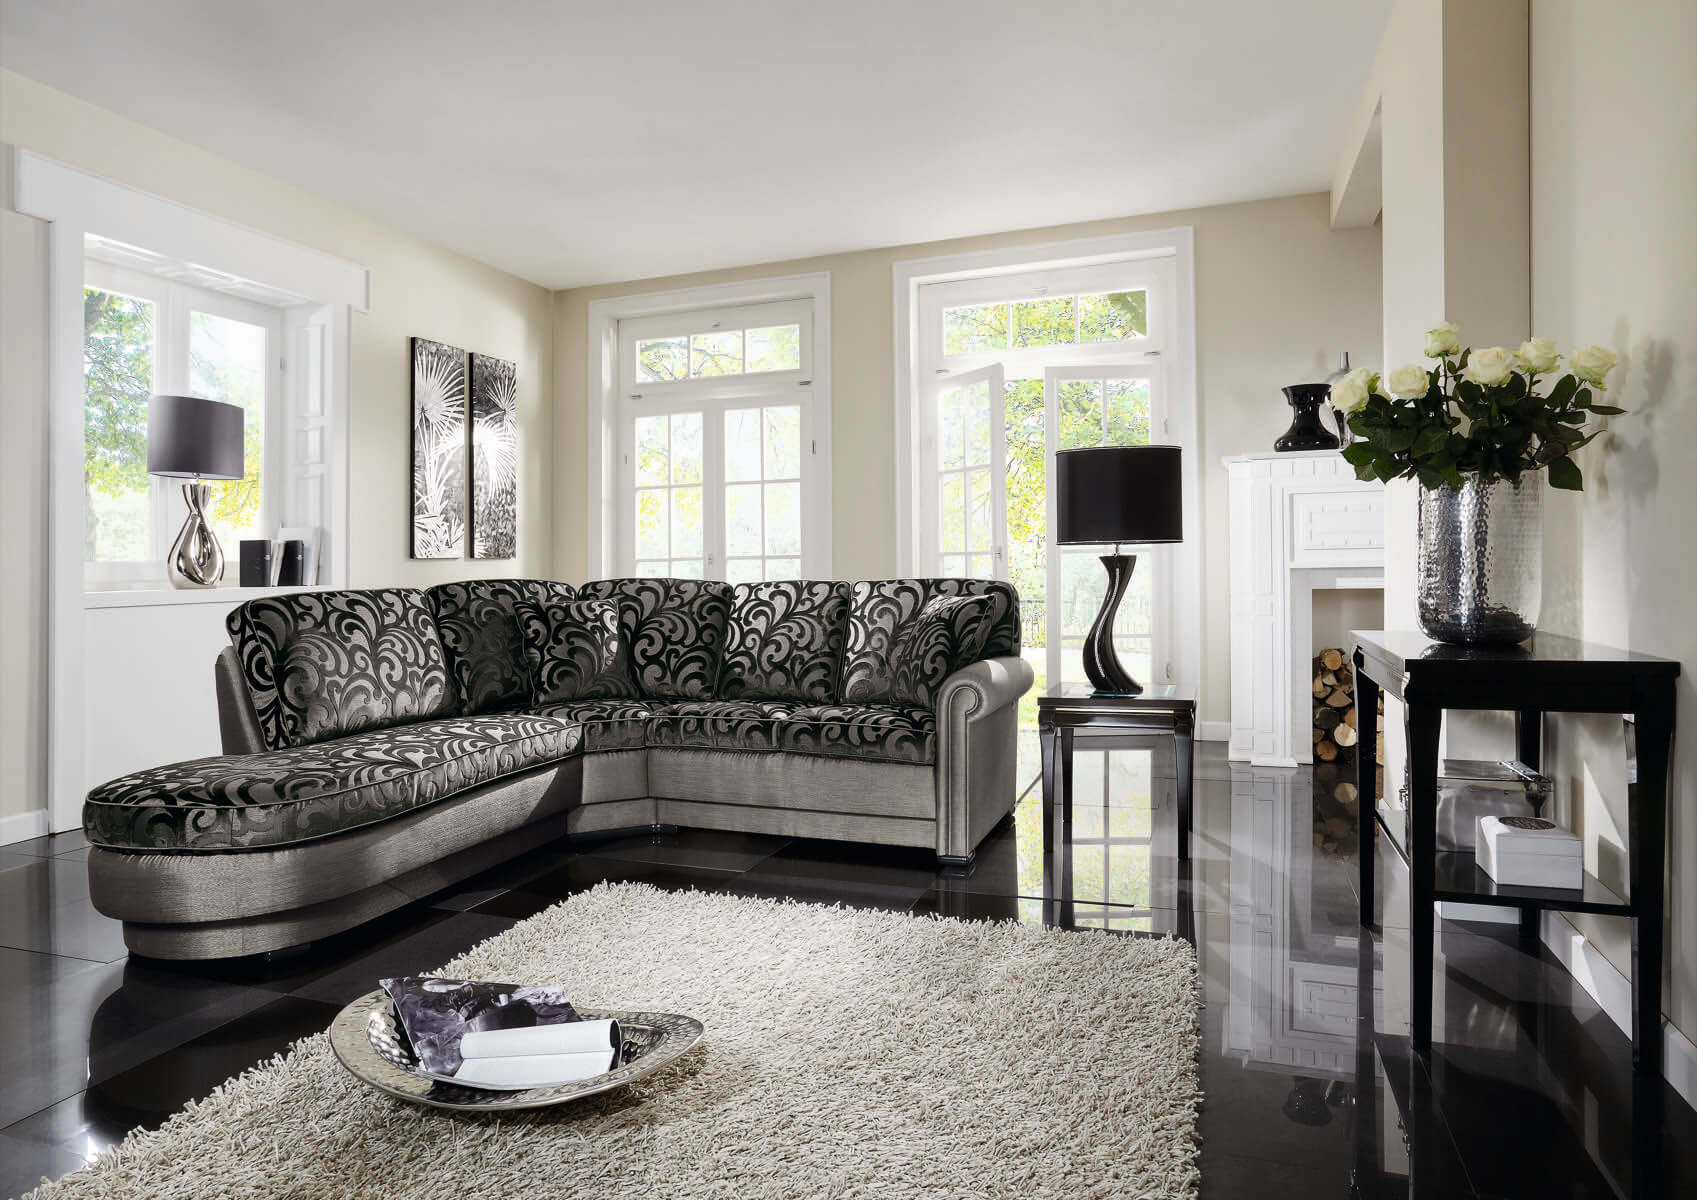 wohnlandschaft franco ph nix sch ner leben. Black Bedroom Furniture Sets. Home Design Ideas